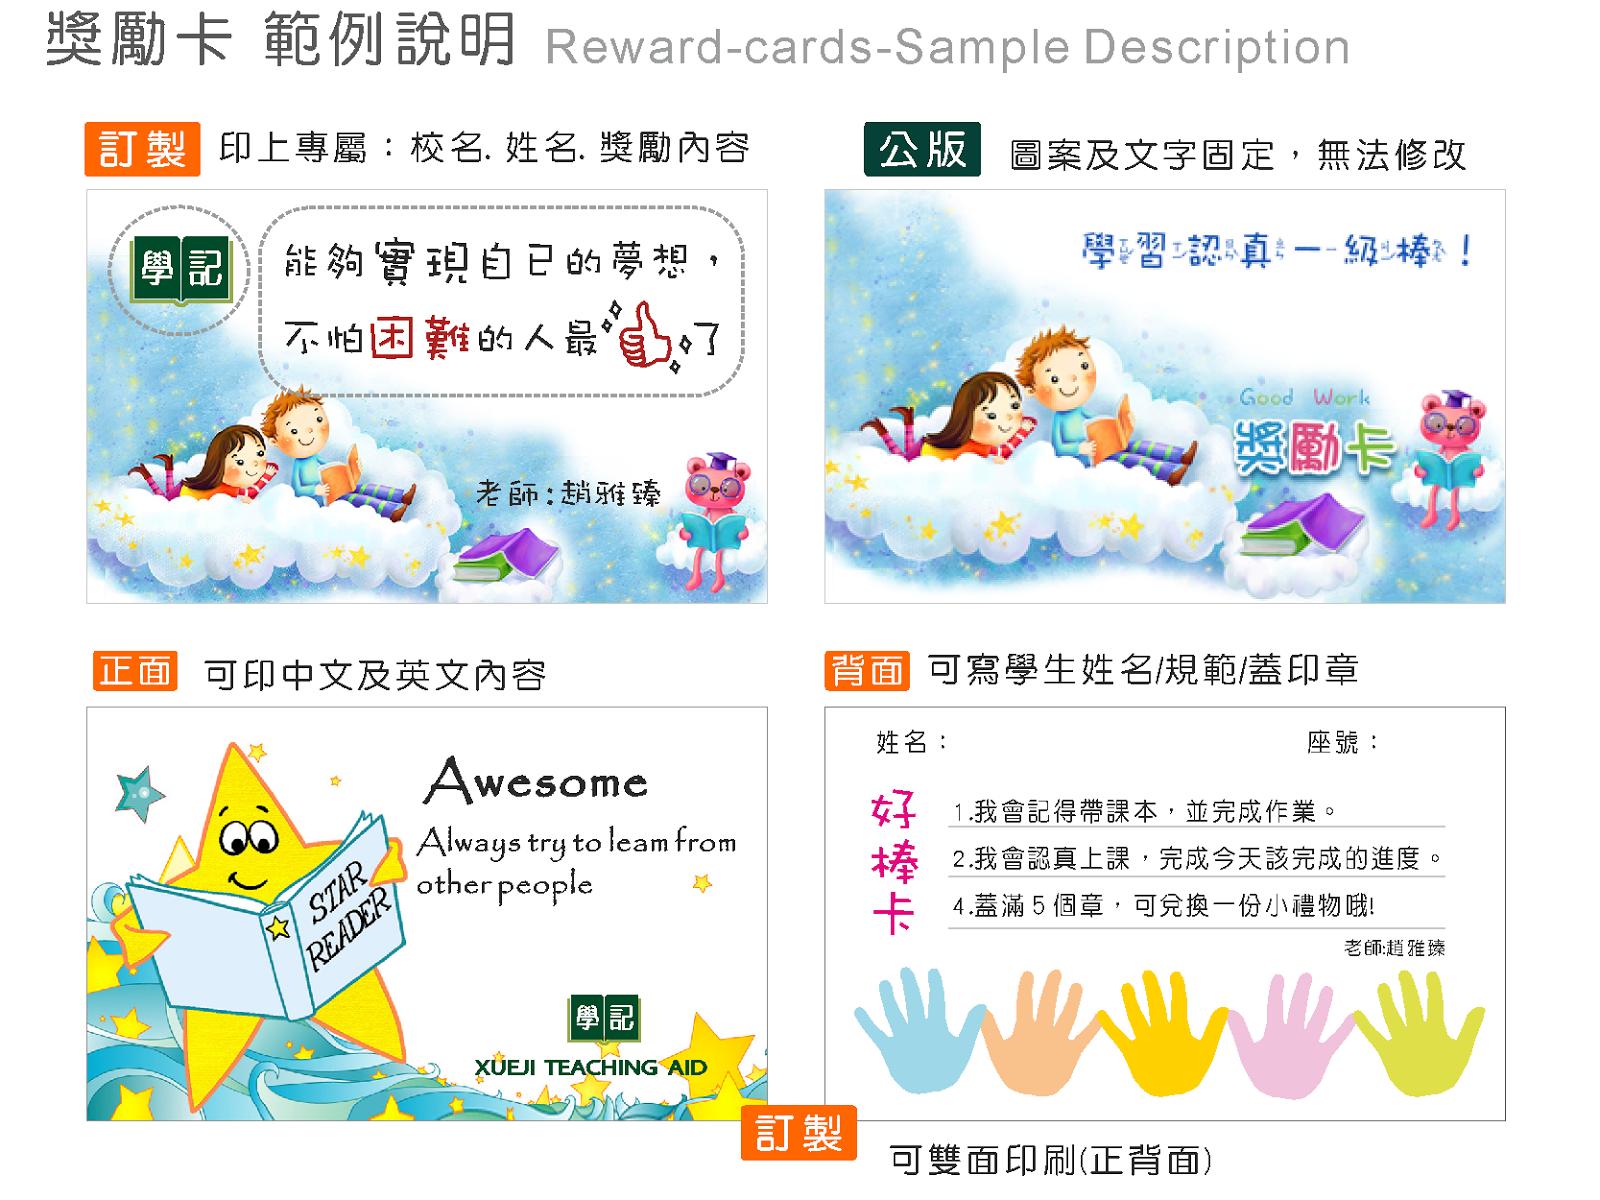 【學記教具】教室佈置-教學海報-獎勵卡